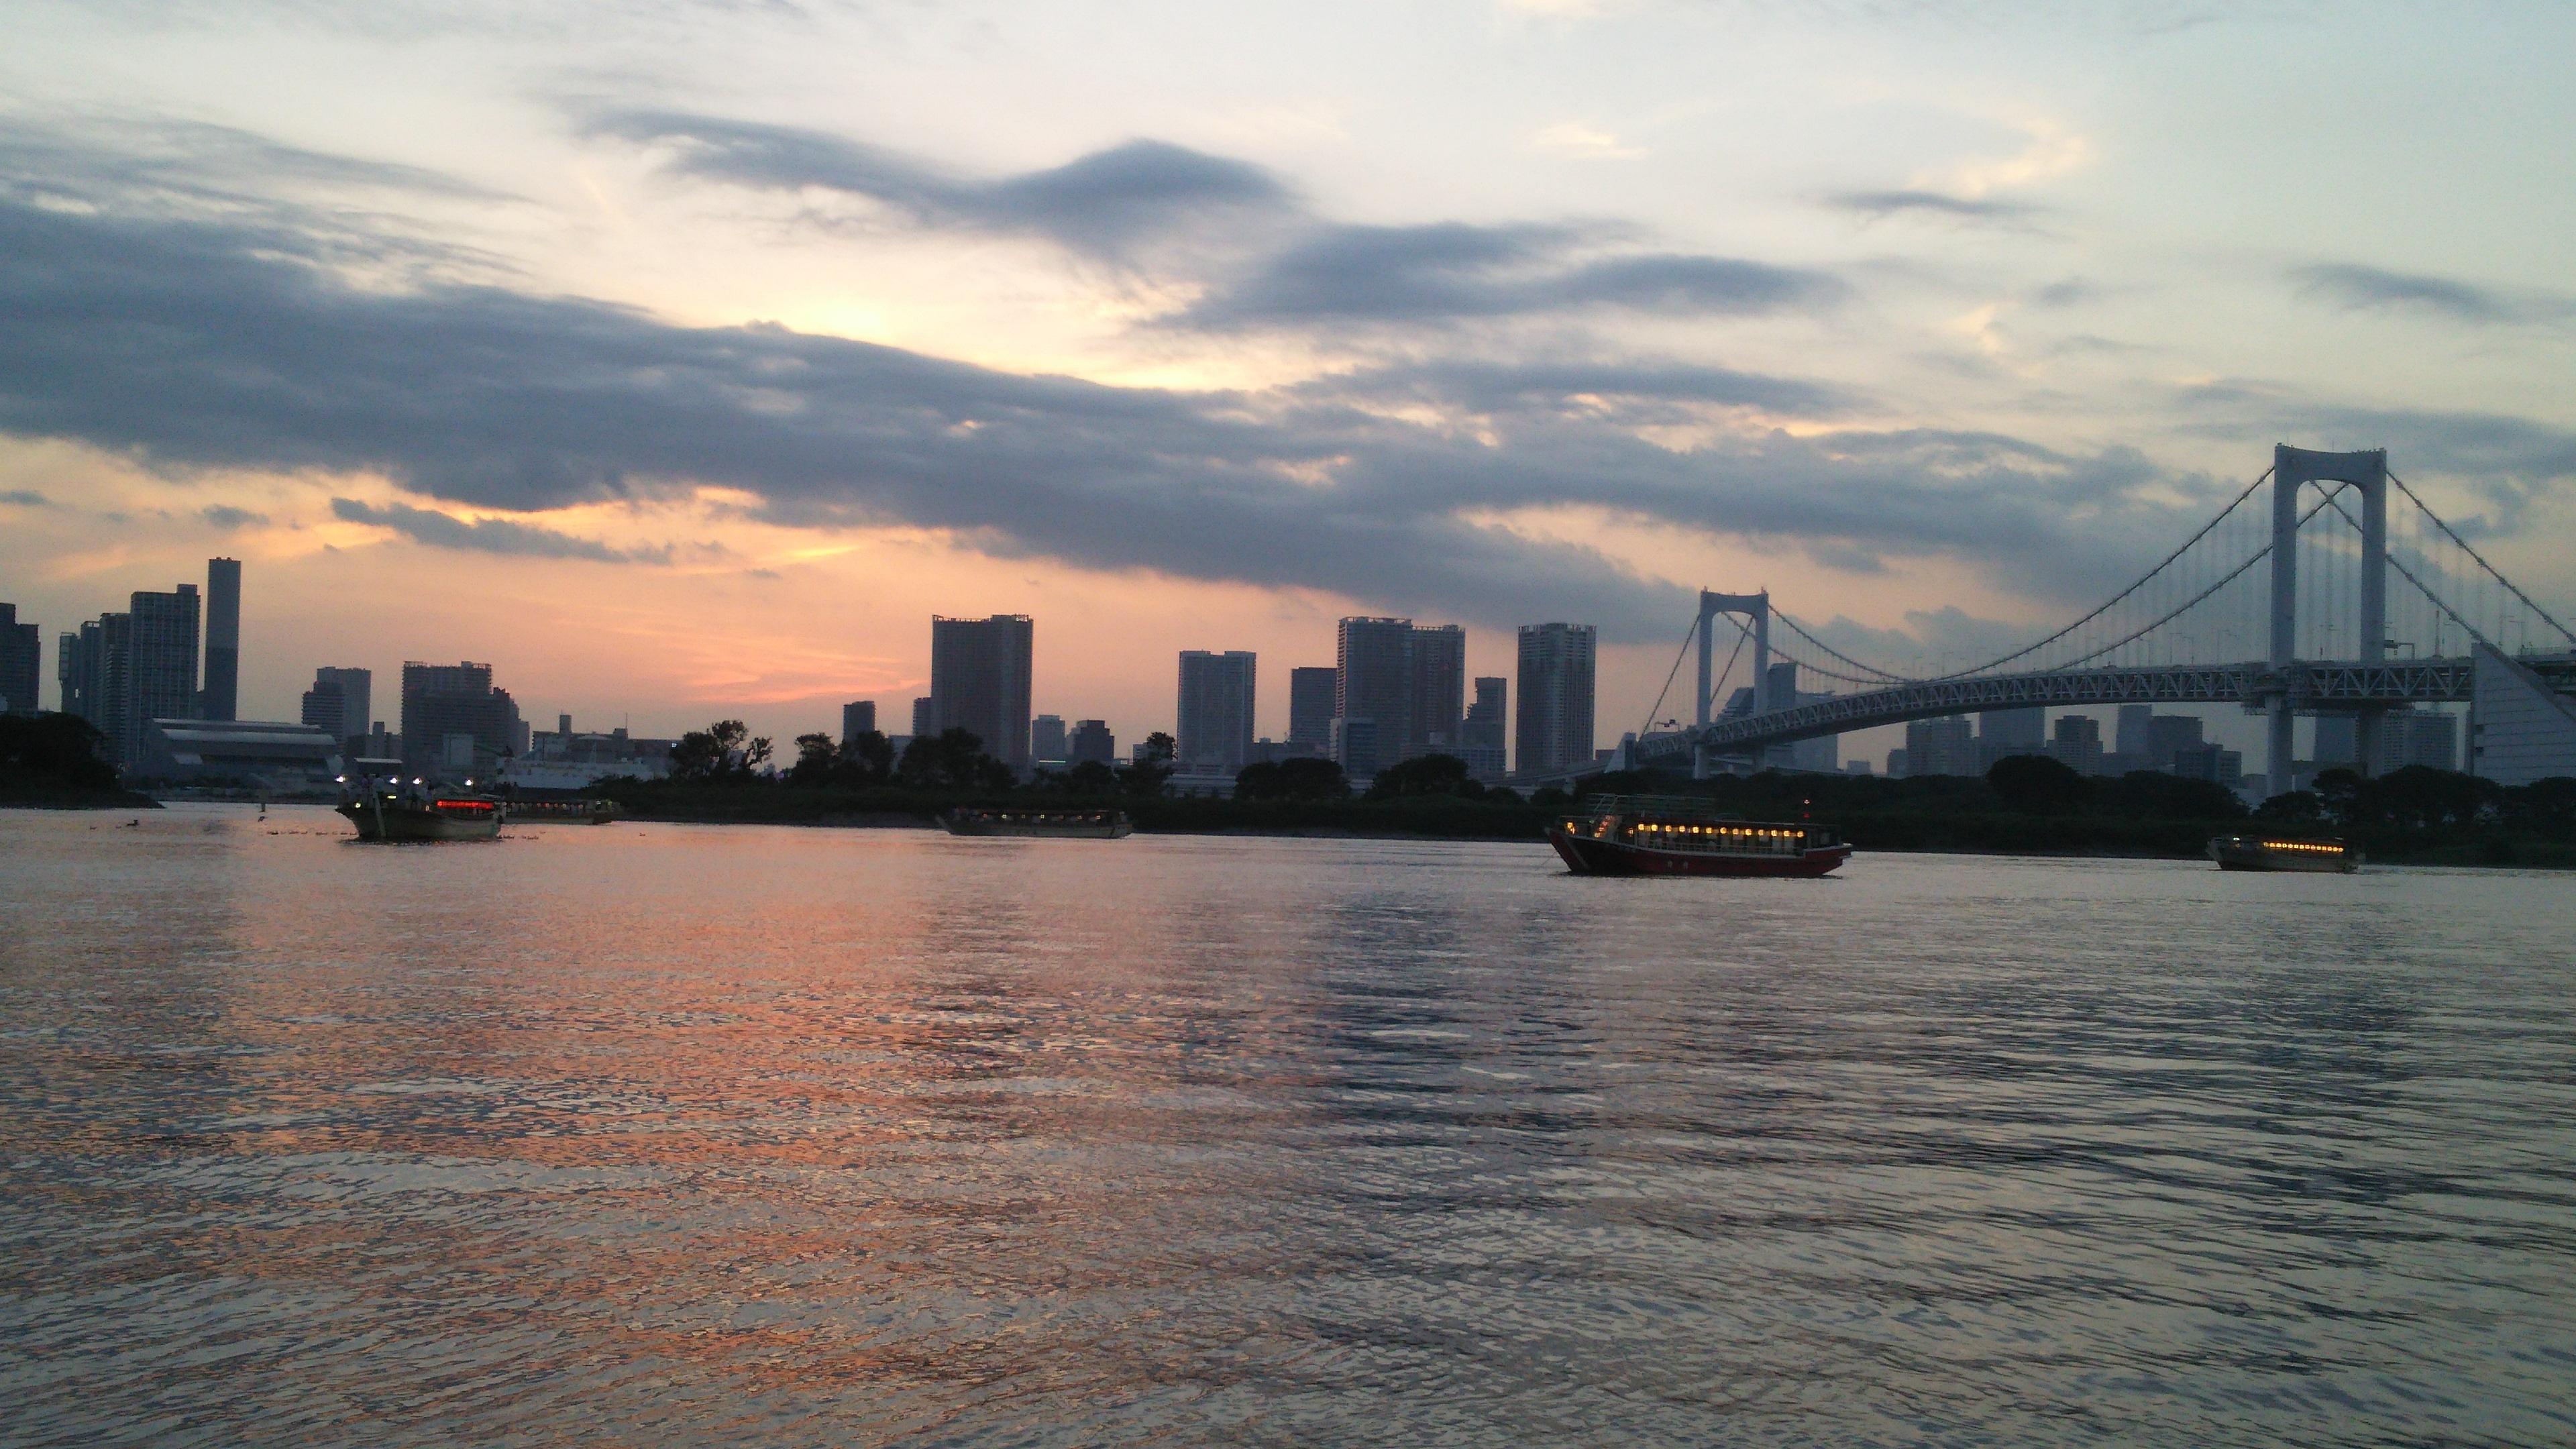 Tokio utilizará nuevos dispositivos para limpiar la bahía antes de los Juegos Olímpicos.